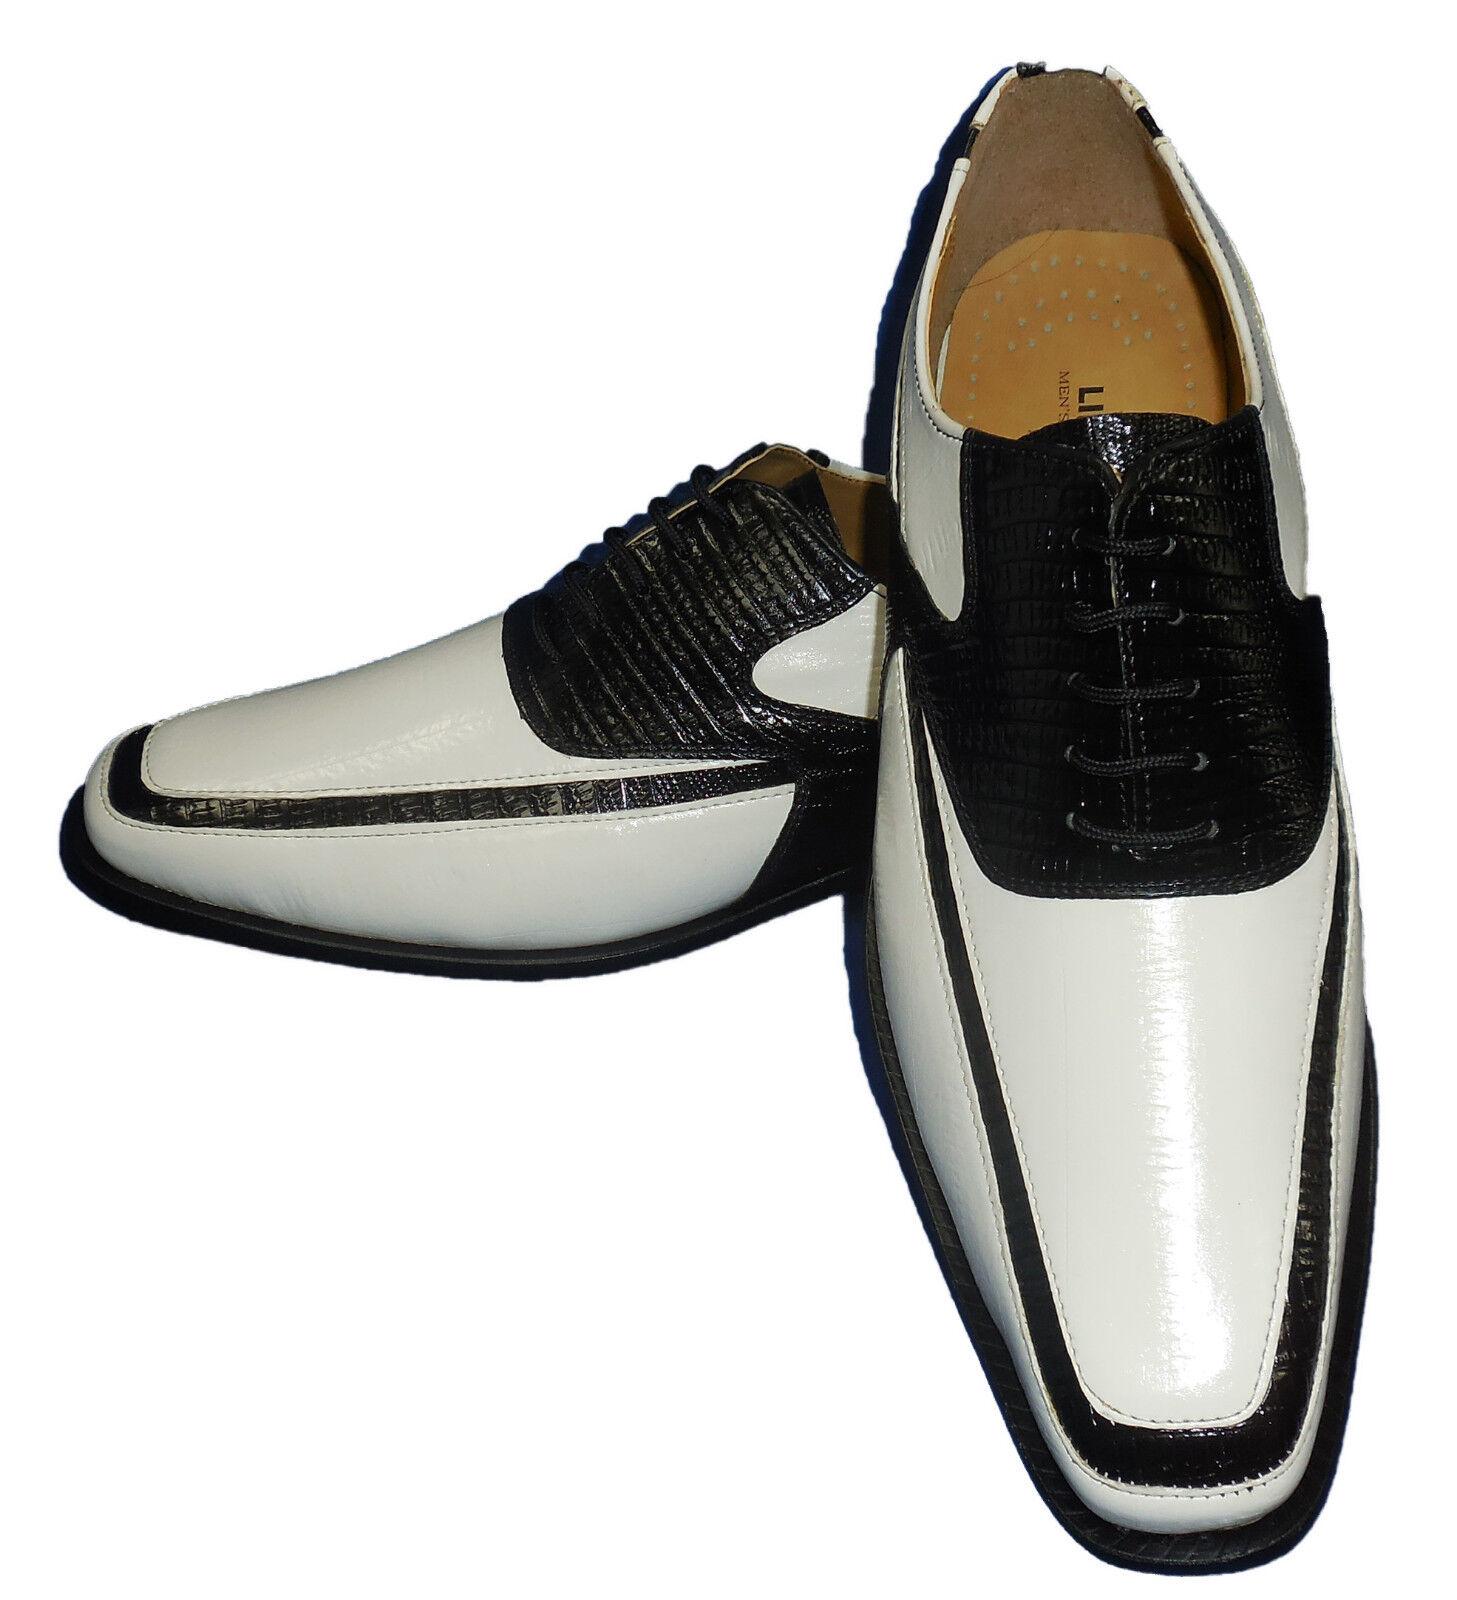 consegna rapida Liberty Liberty Liberty LS1108 Uomo Modern Spectator Spats Dress scarpe Eggshell bianca + nero  basso prezzo del 40%